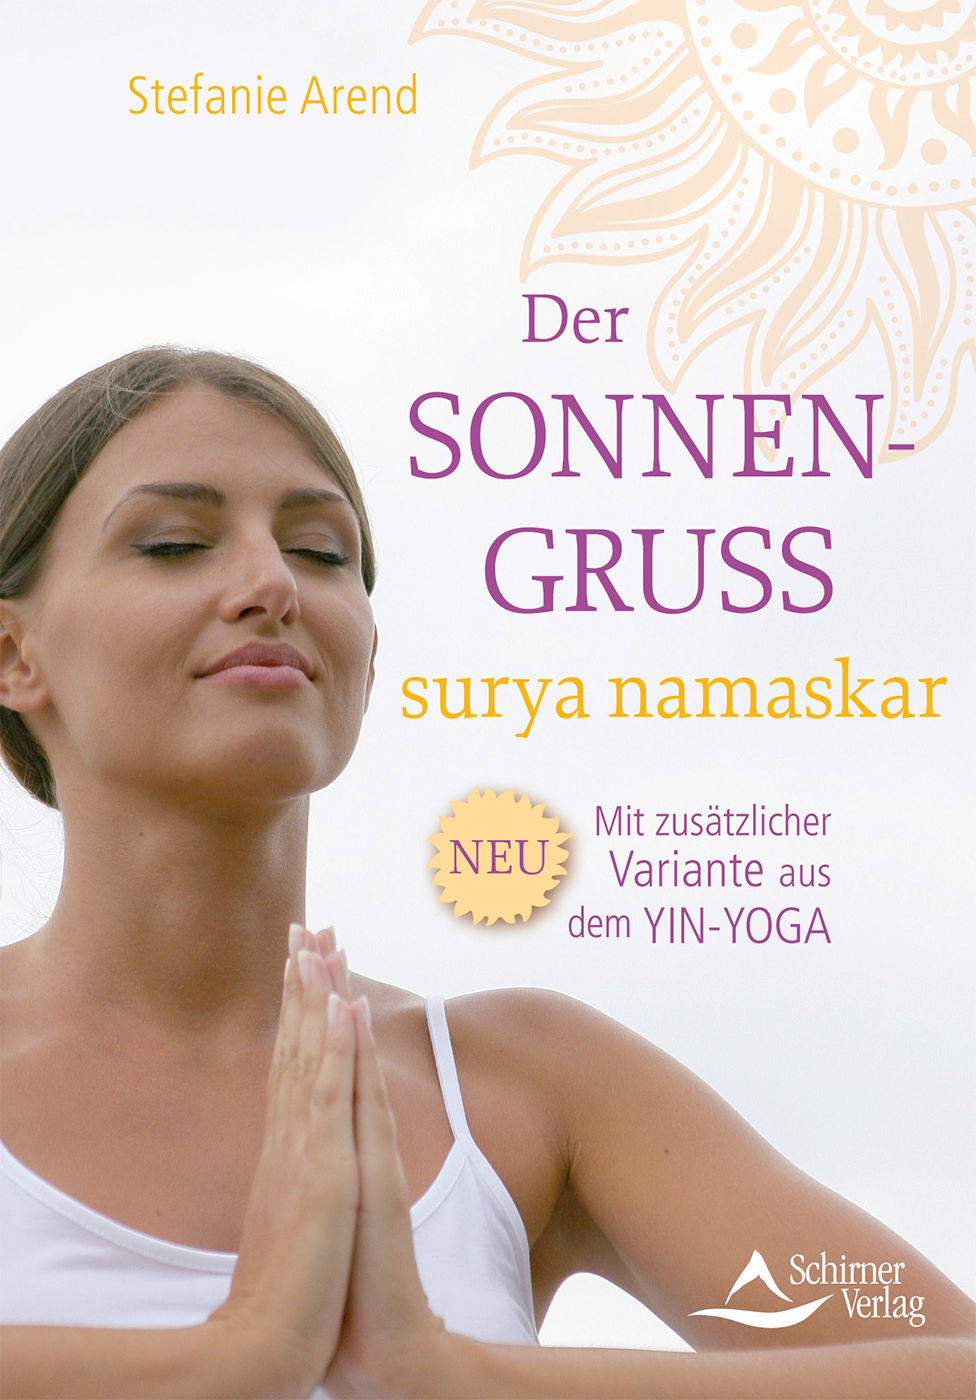 Der Sonnengruß - surya namaskar von Stefanie Arend